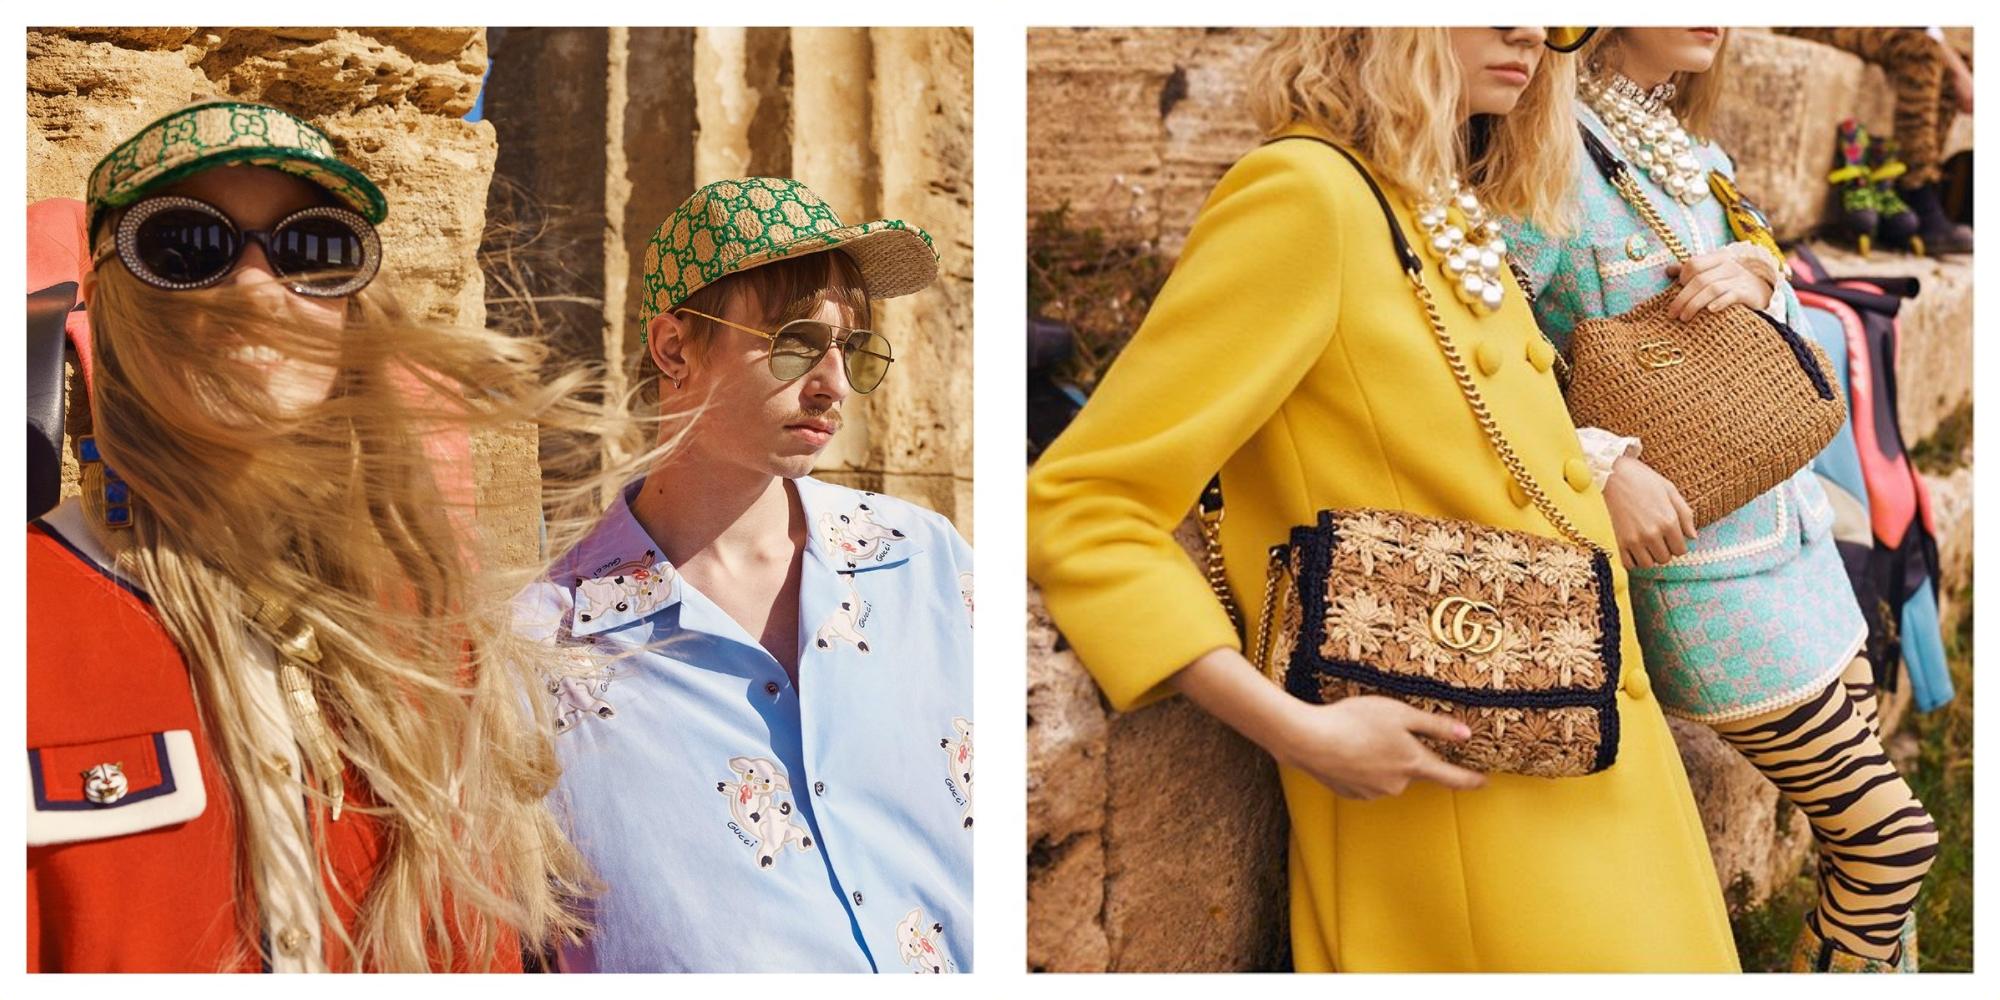 promo code 48b5f 9de29 Gucci也加入編織行列帶來充滿夏日感的草編單品!時尚博客搶著用 ...